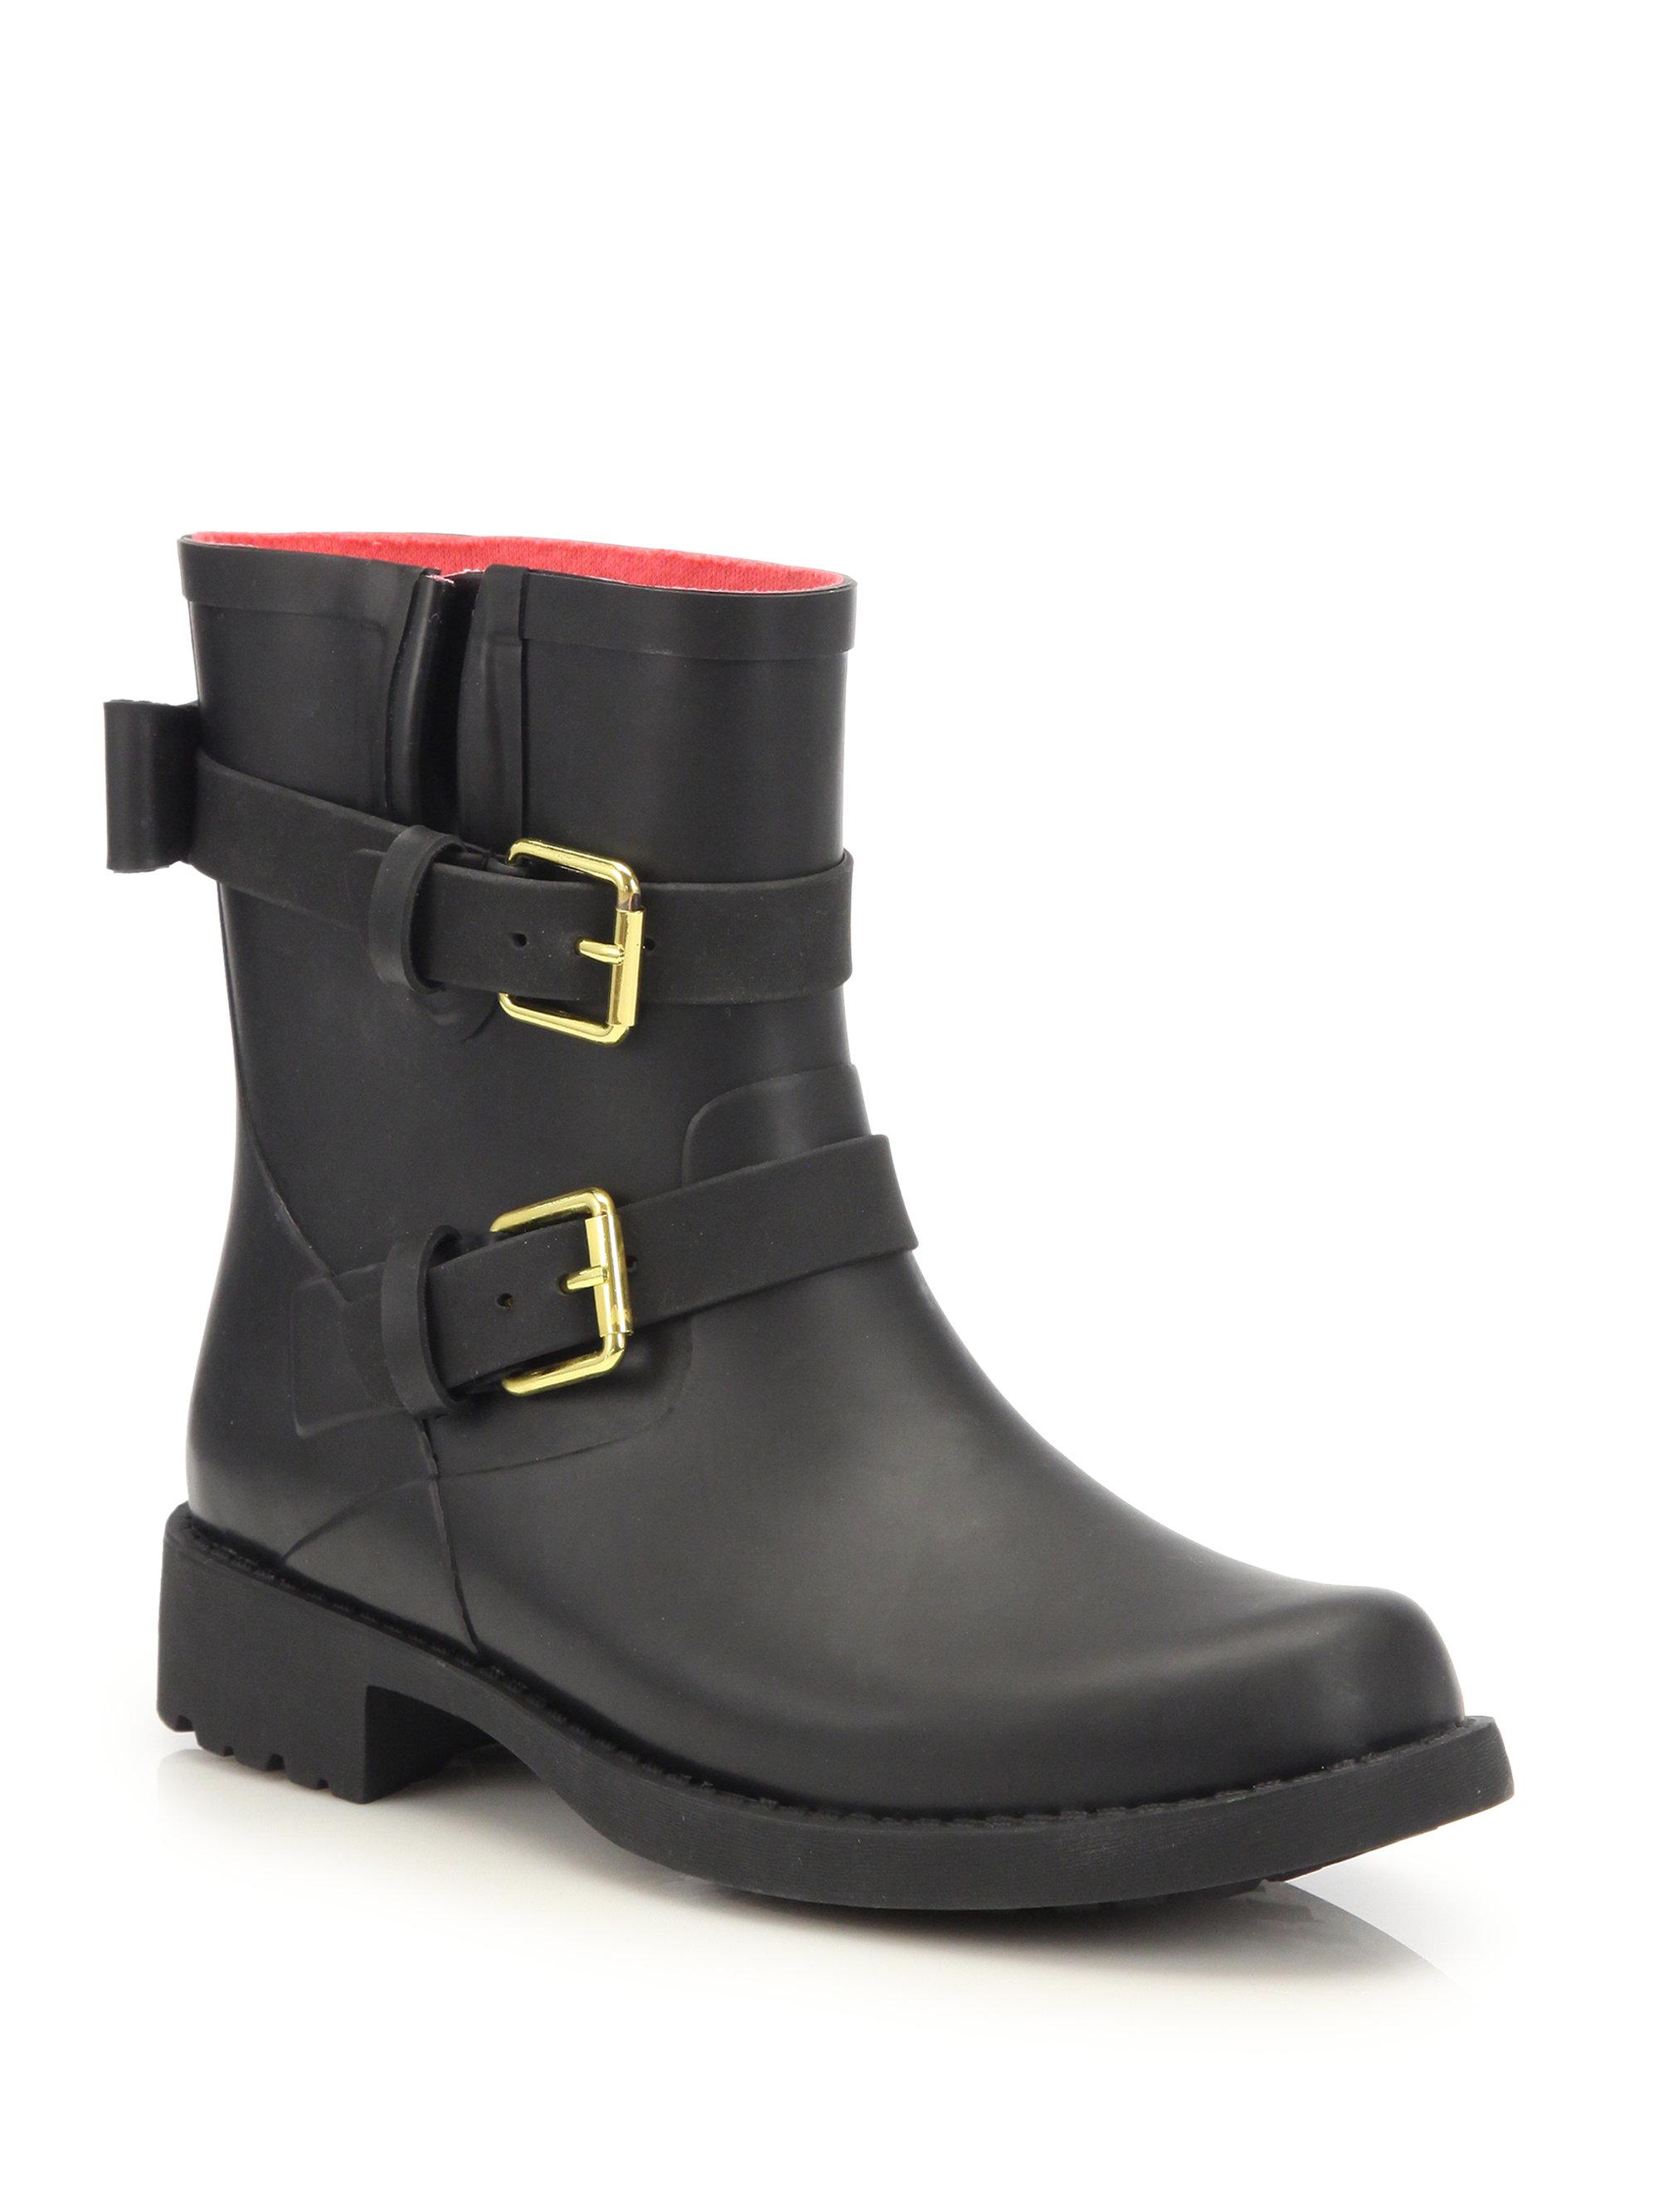 Lyst Kate Spade Pamela Rubber Rain Boots In Black